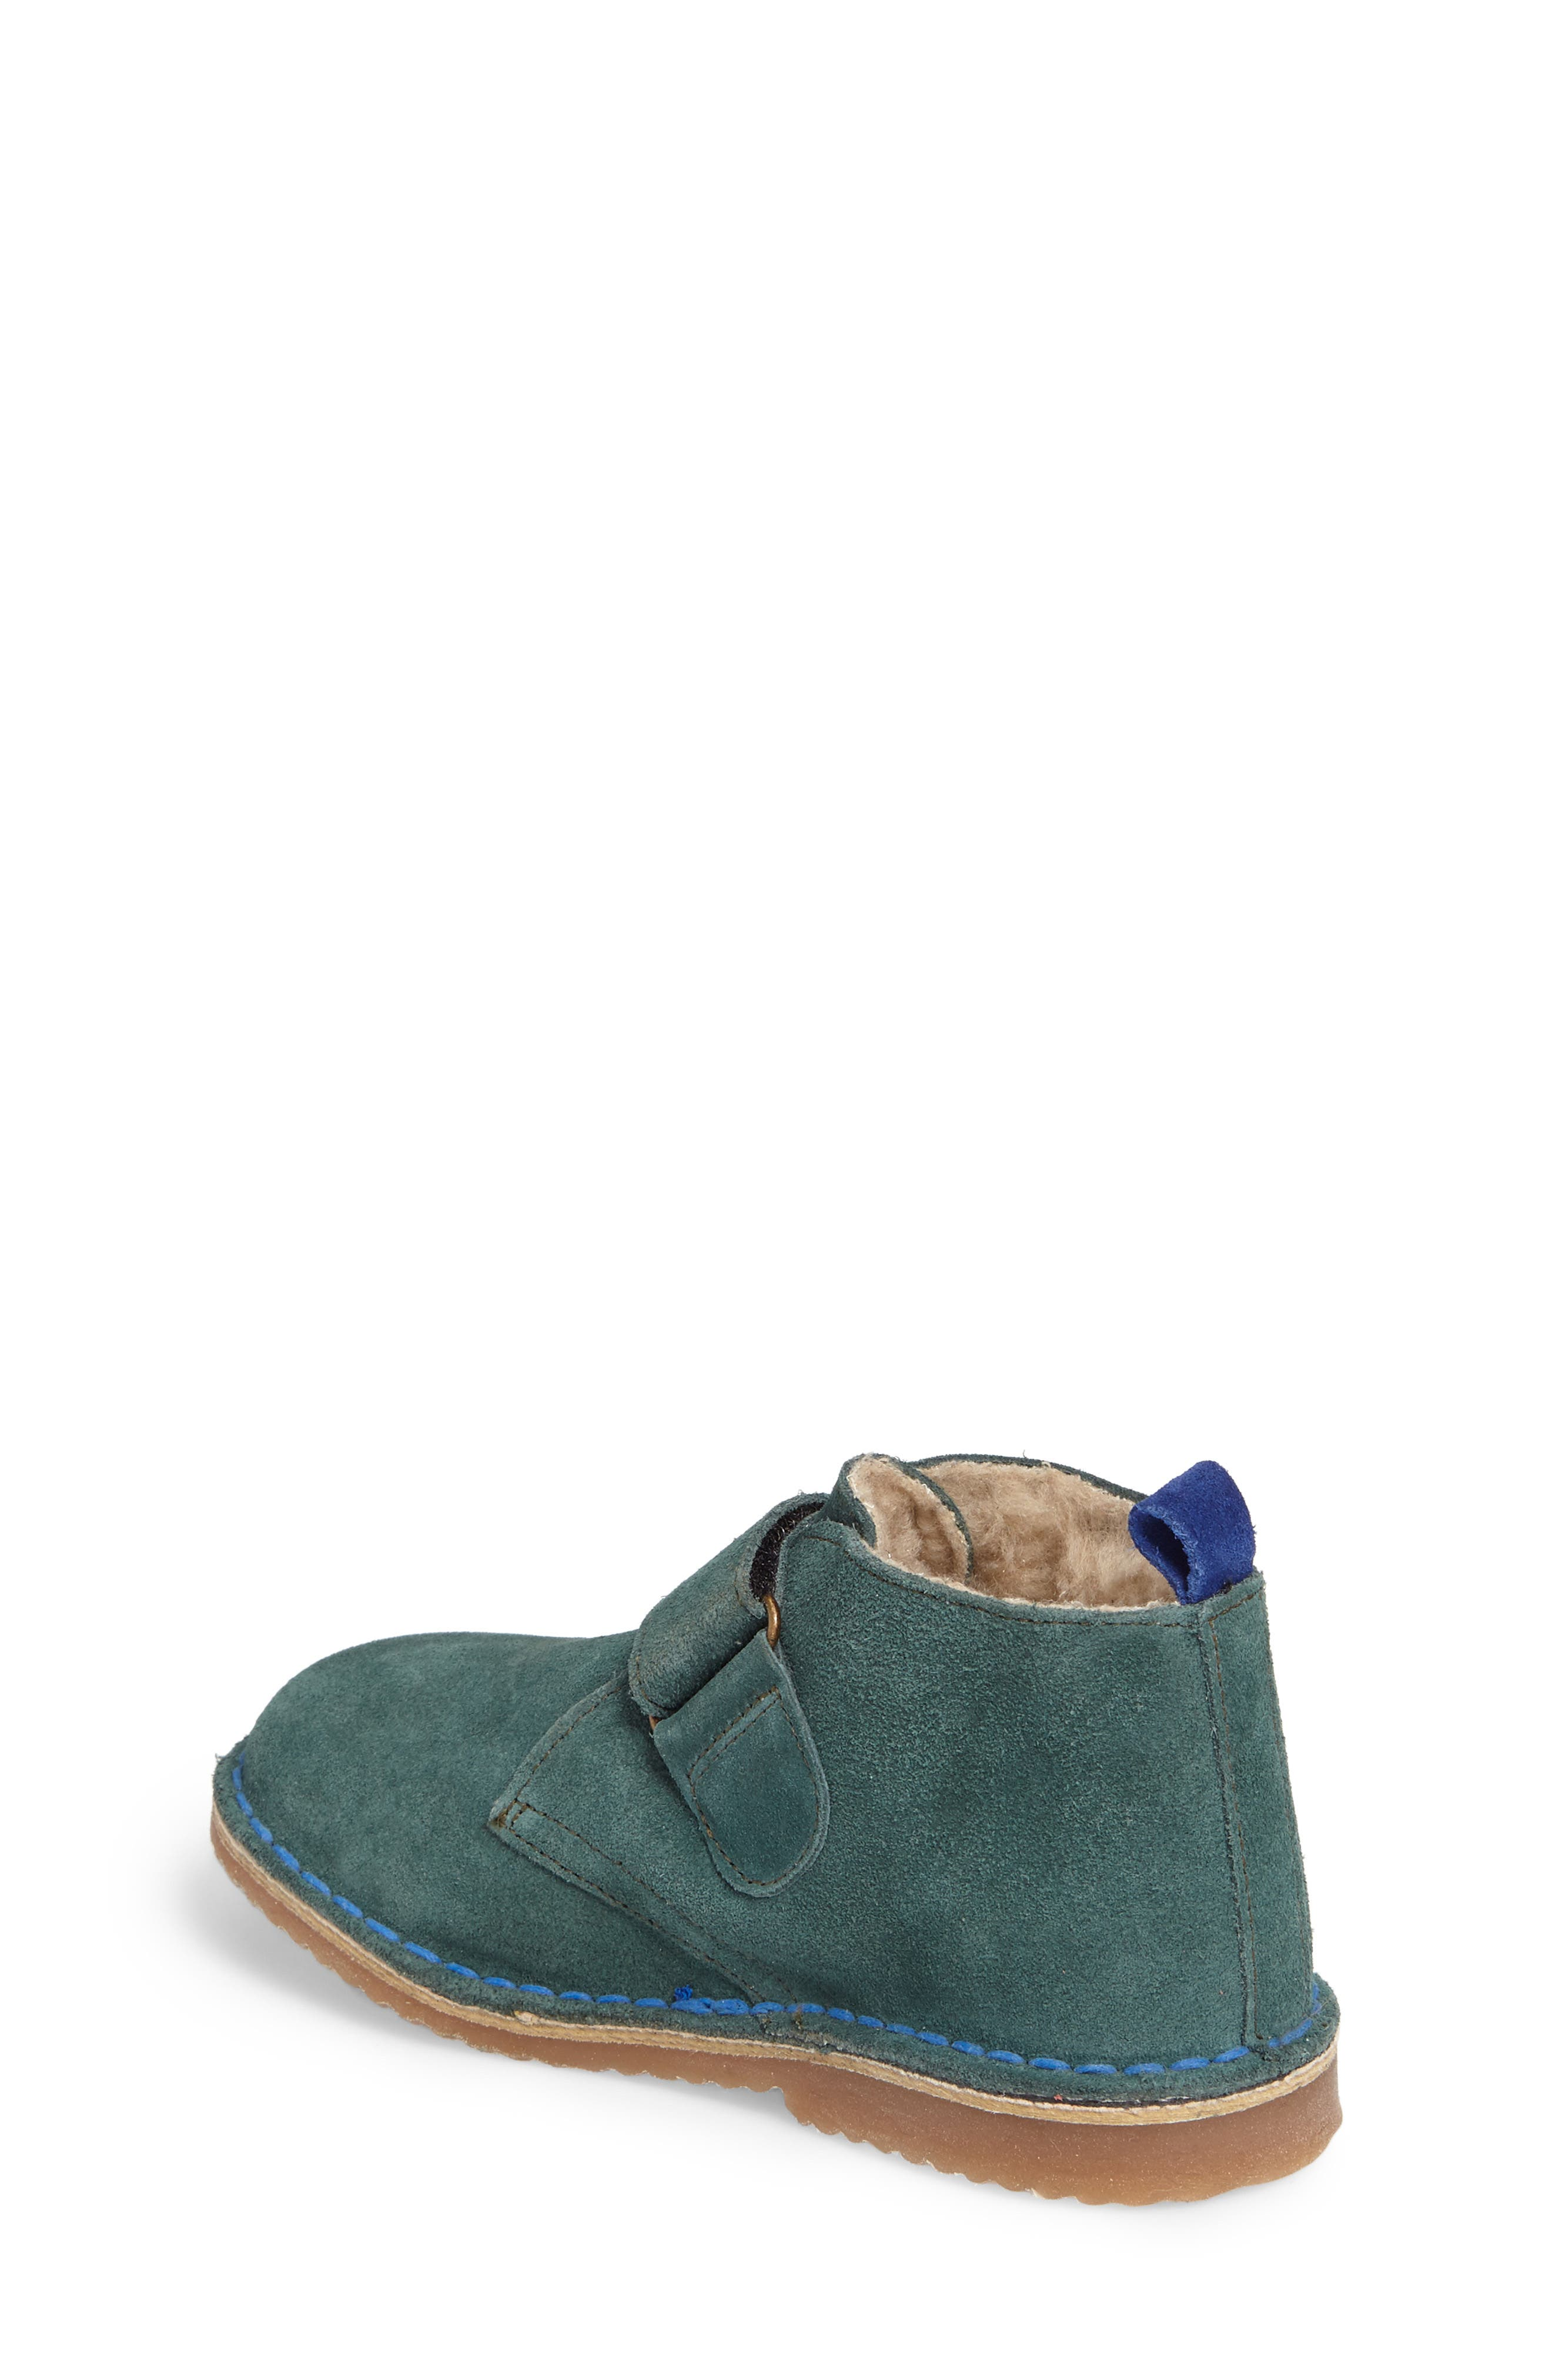 Alternate Image 2  - Mini Boden Faux Fur Desert Boot (Toddler, Little Kid & Big Kid)